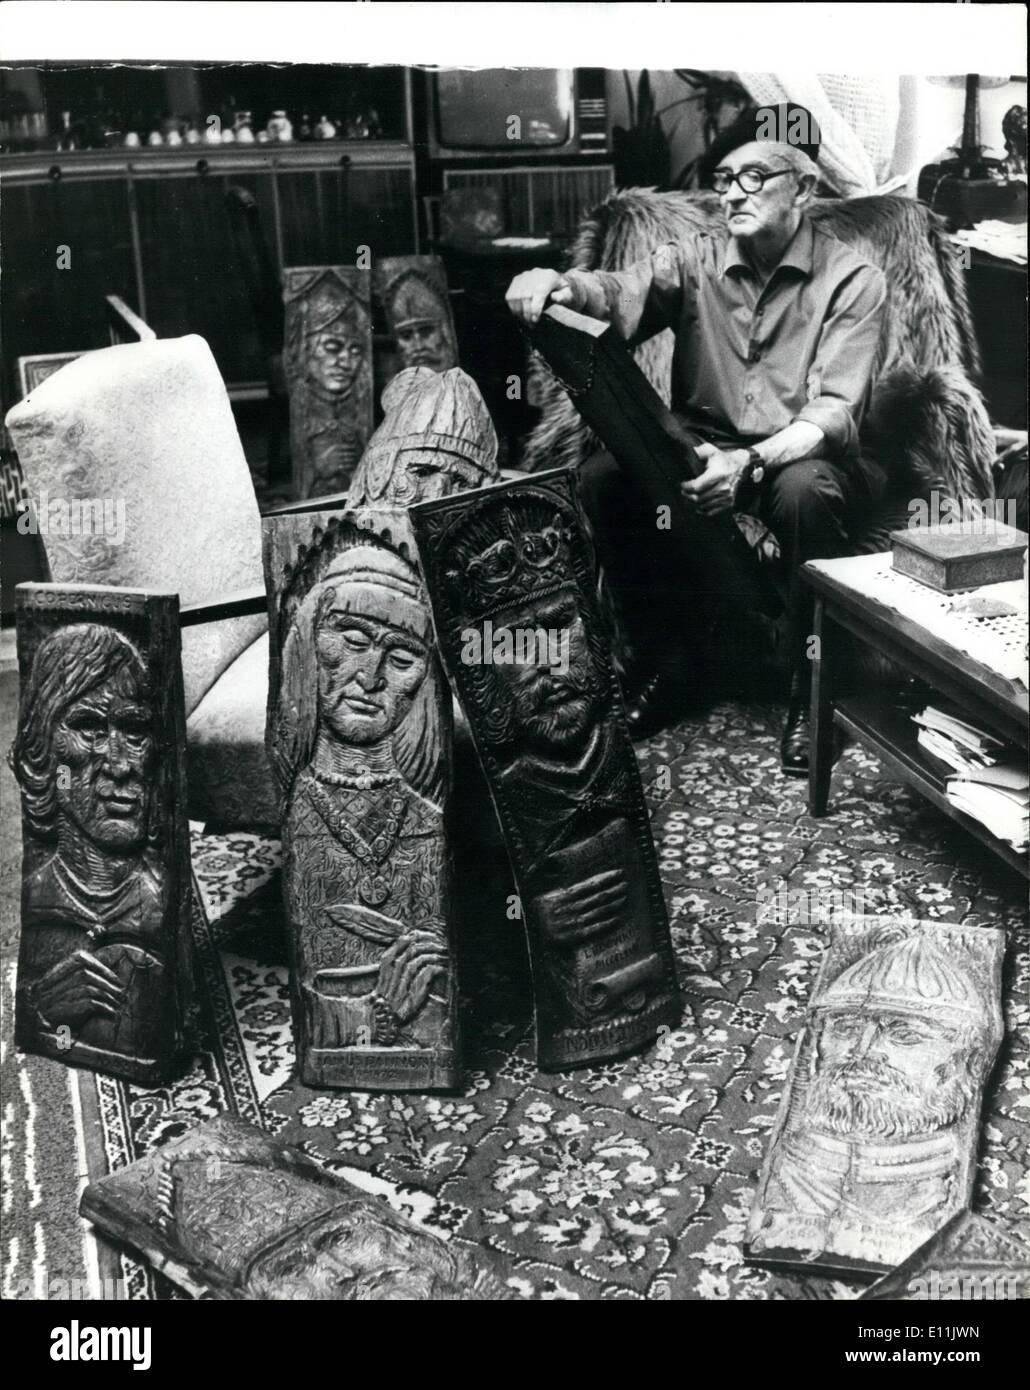 Agosto 08, 1978 - Storia scolpito in legno: scultore ungherese Gyula Zagon visti al lavoro carving i ritratti del borgo medievale di personaggi storici in legno. Egli utilizza una speciale nuovo materiale per la produzione delle sue sculture - sono vecchi di secoli quercia travi. Immagini Stock